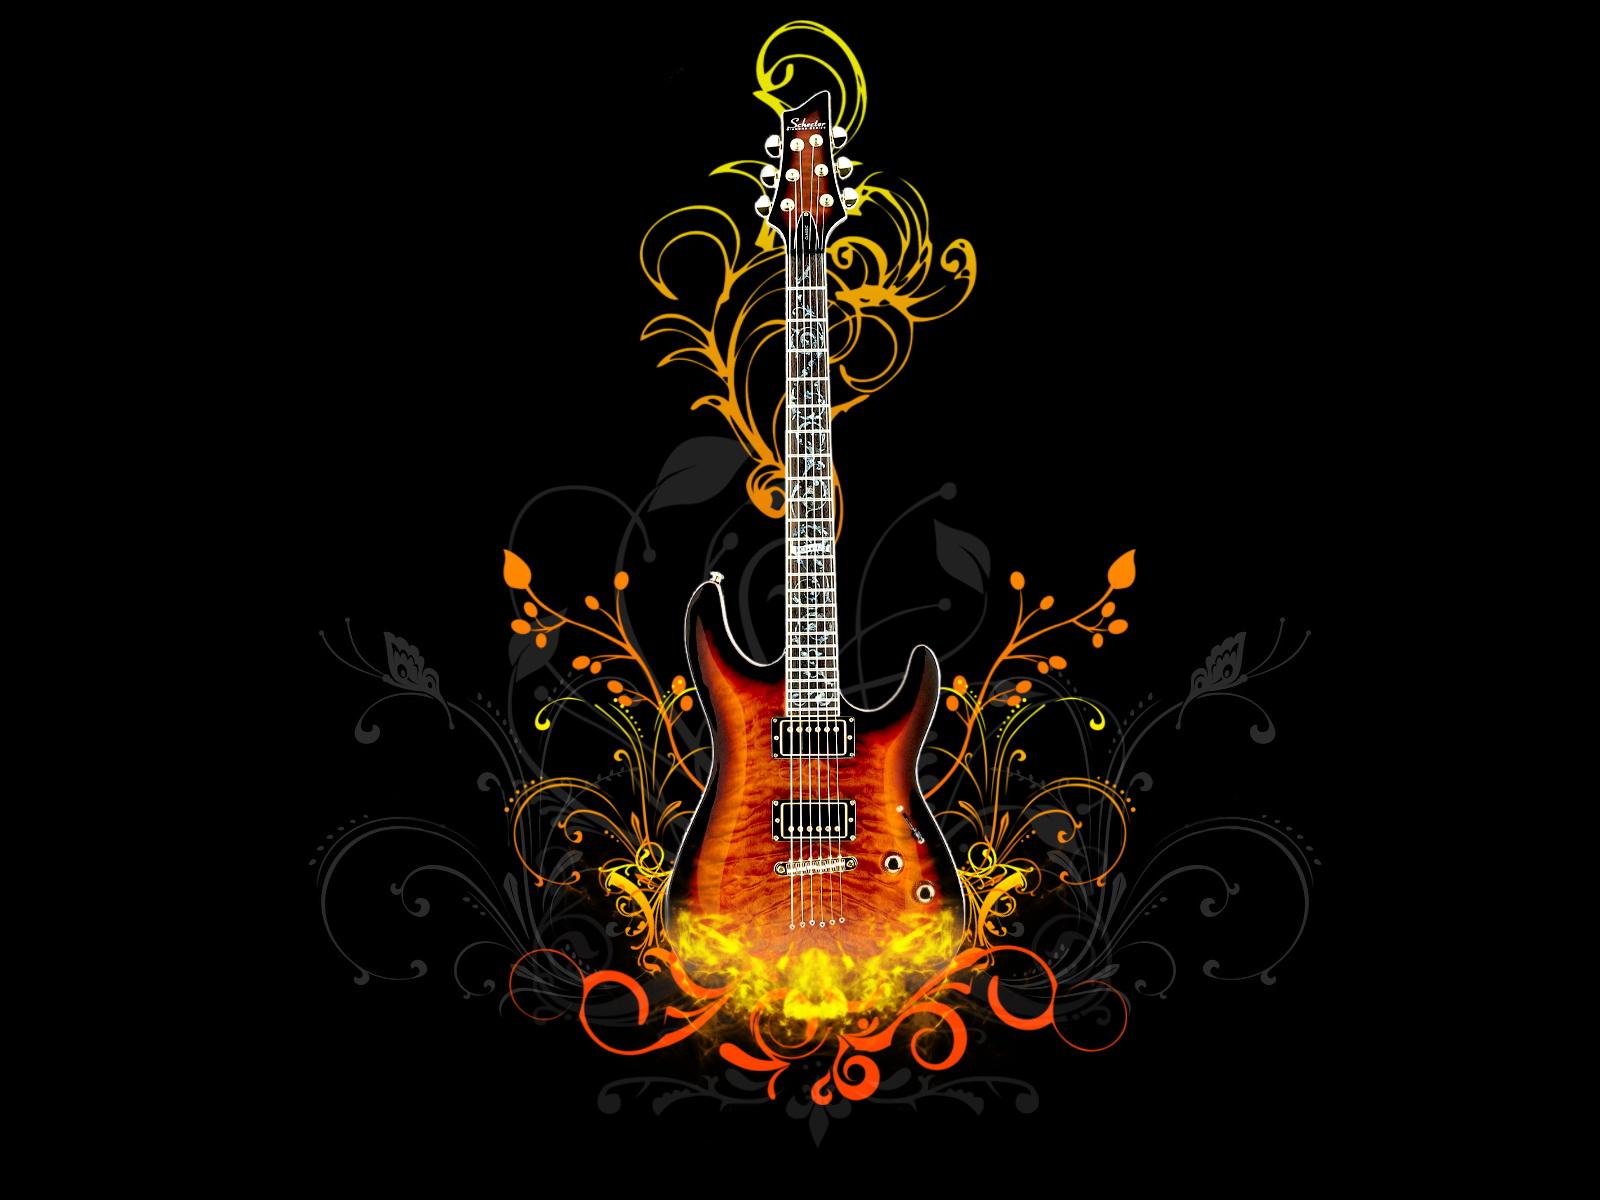 http://1.bp.blogspot.com/-fv8AxuAz4eE/TY-qbp0izKI/AAAAAAAAAFQ/I0Uc3nKAHMg/s1600/Guitar%252BWallpaper%252B109.jpg